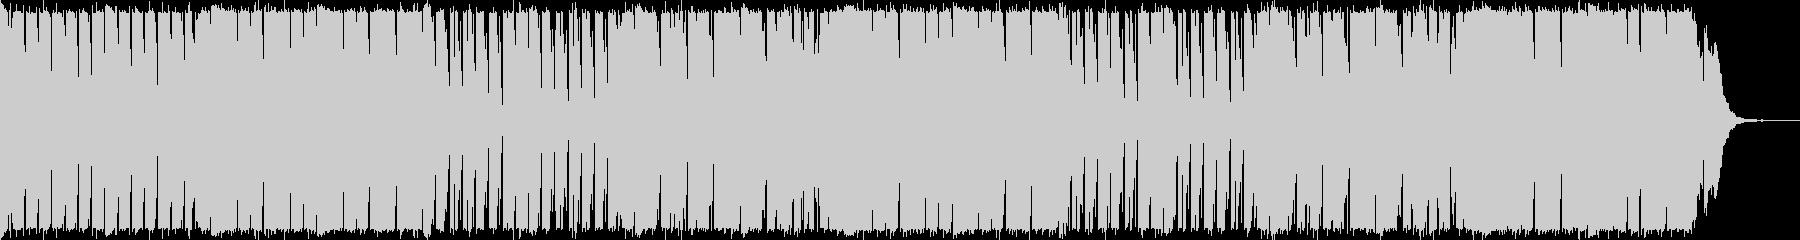 洋楽トロピカルハウス系爽やかEDMの未再生の波形